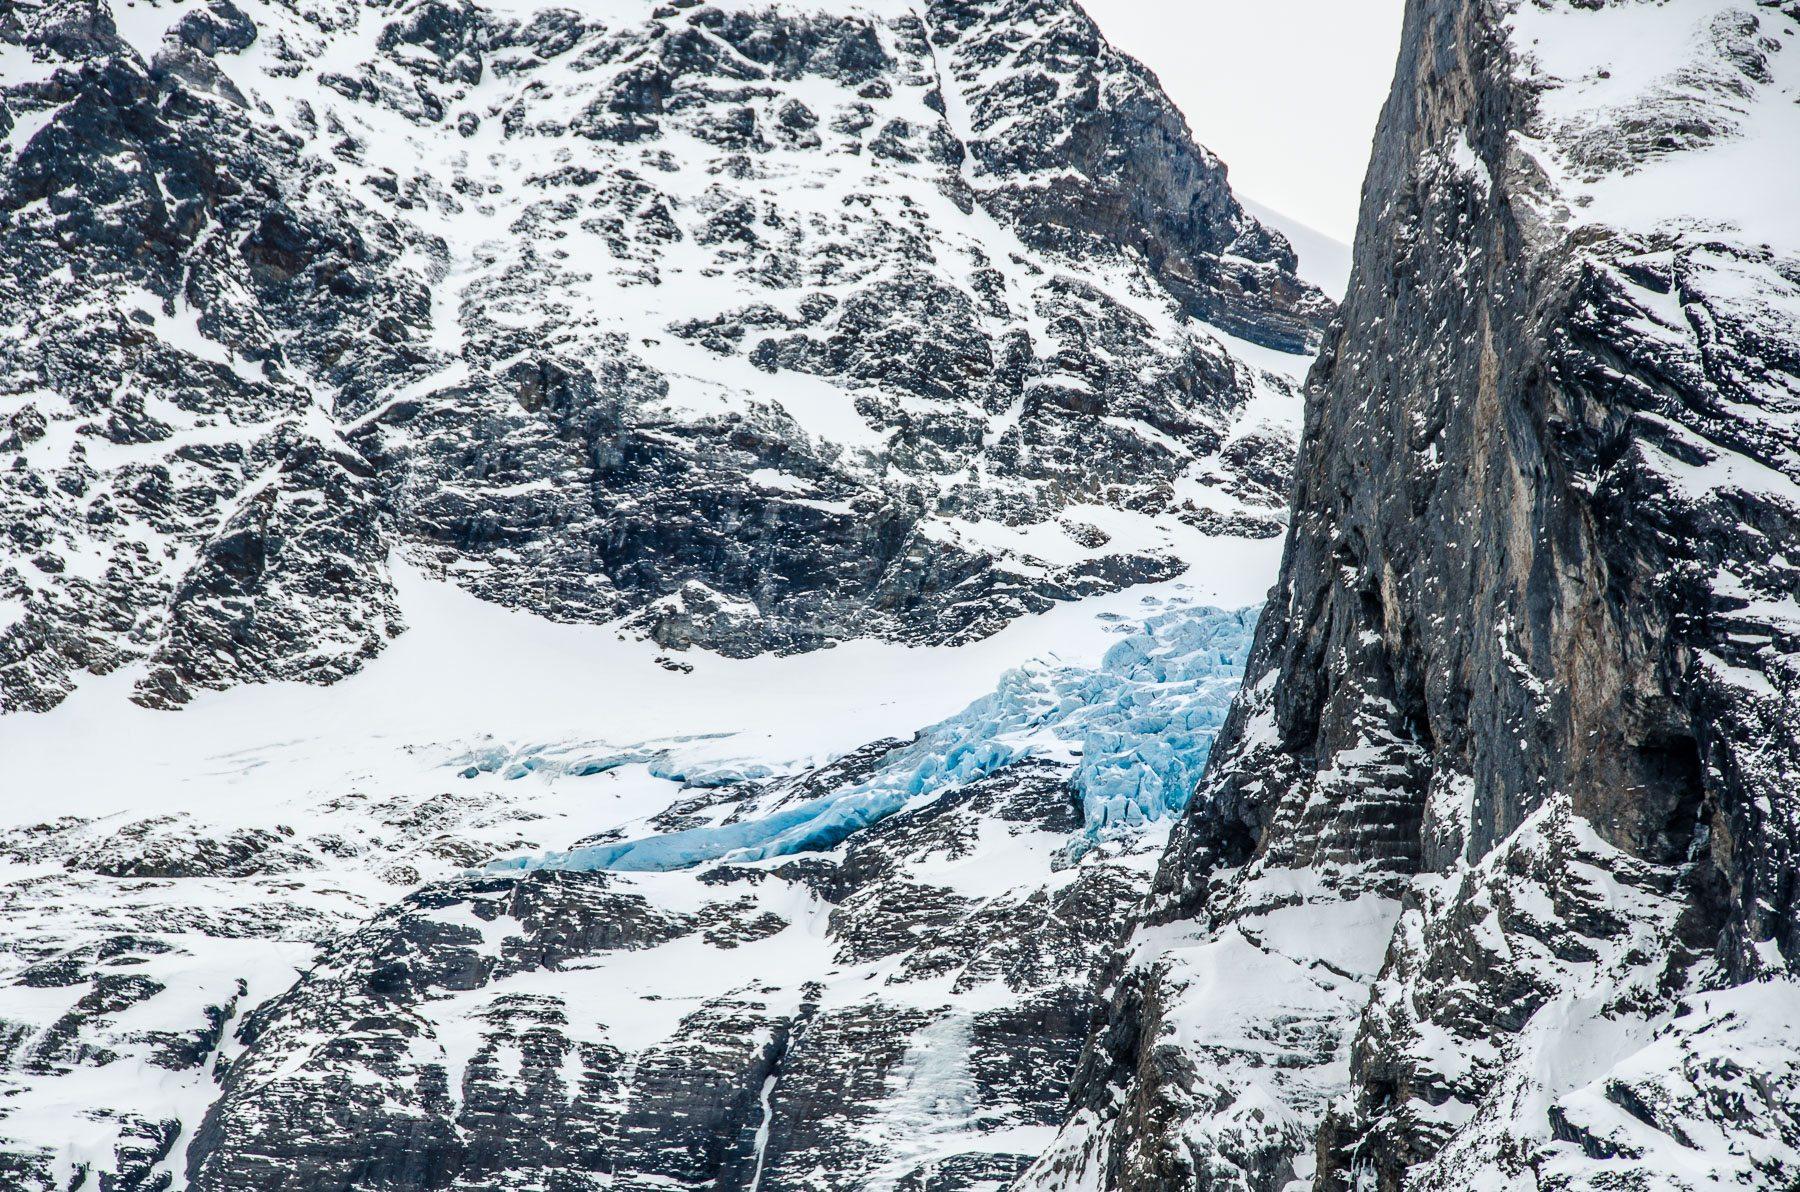 Błękitny jęzor lodowca pomiędzy skalistymi zboczami. Schwardzwaldalp, Szwajcaria